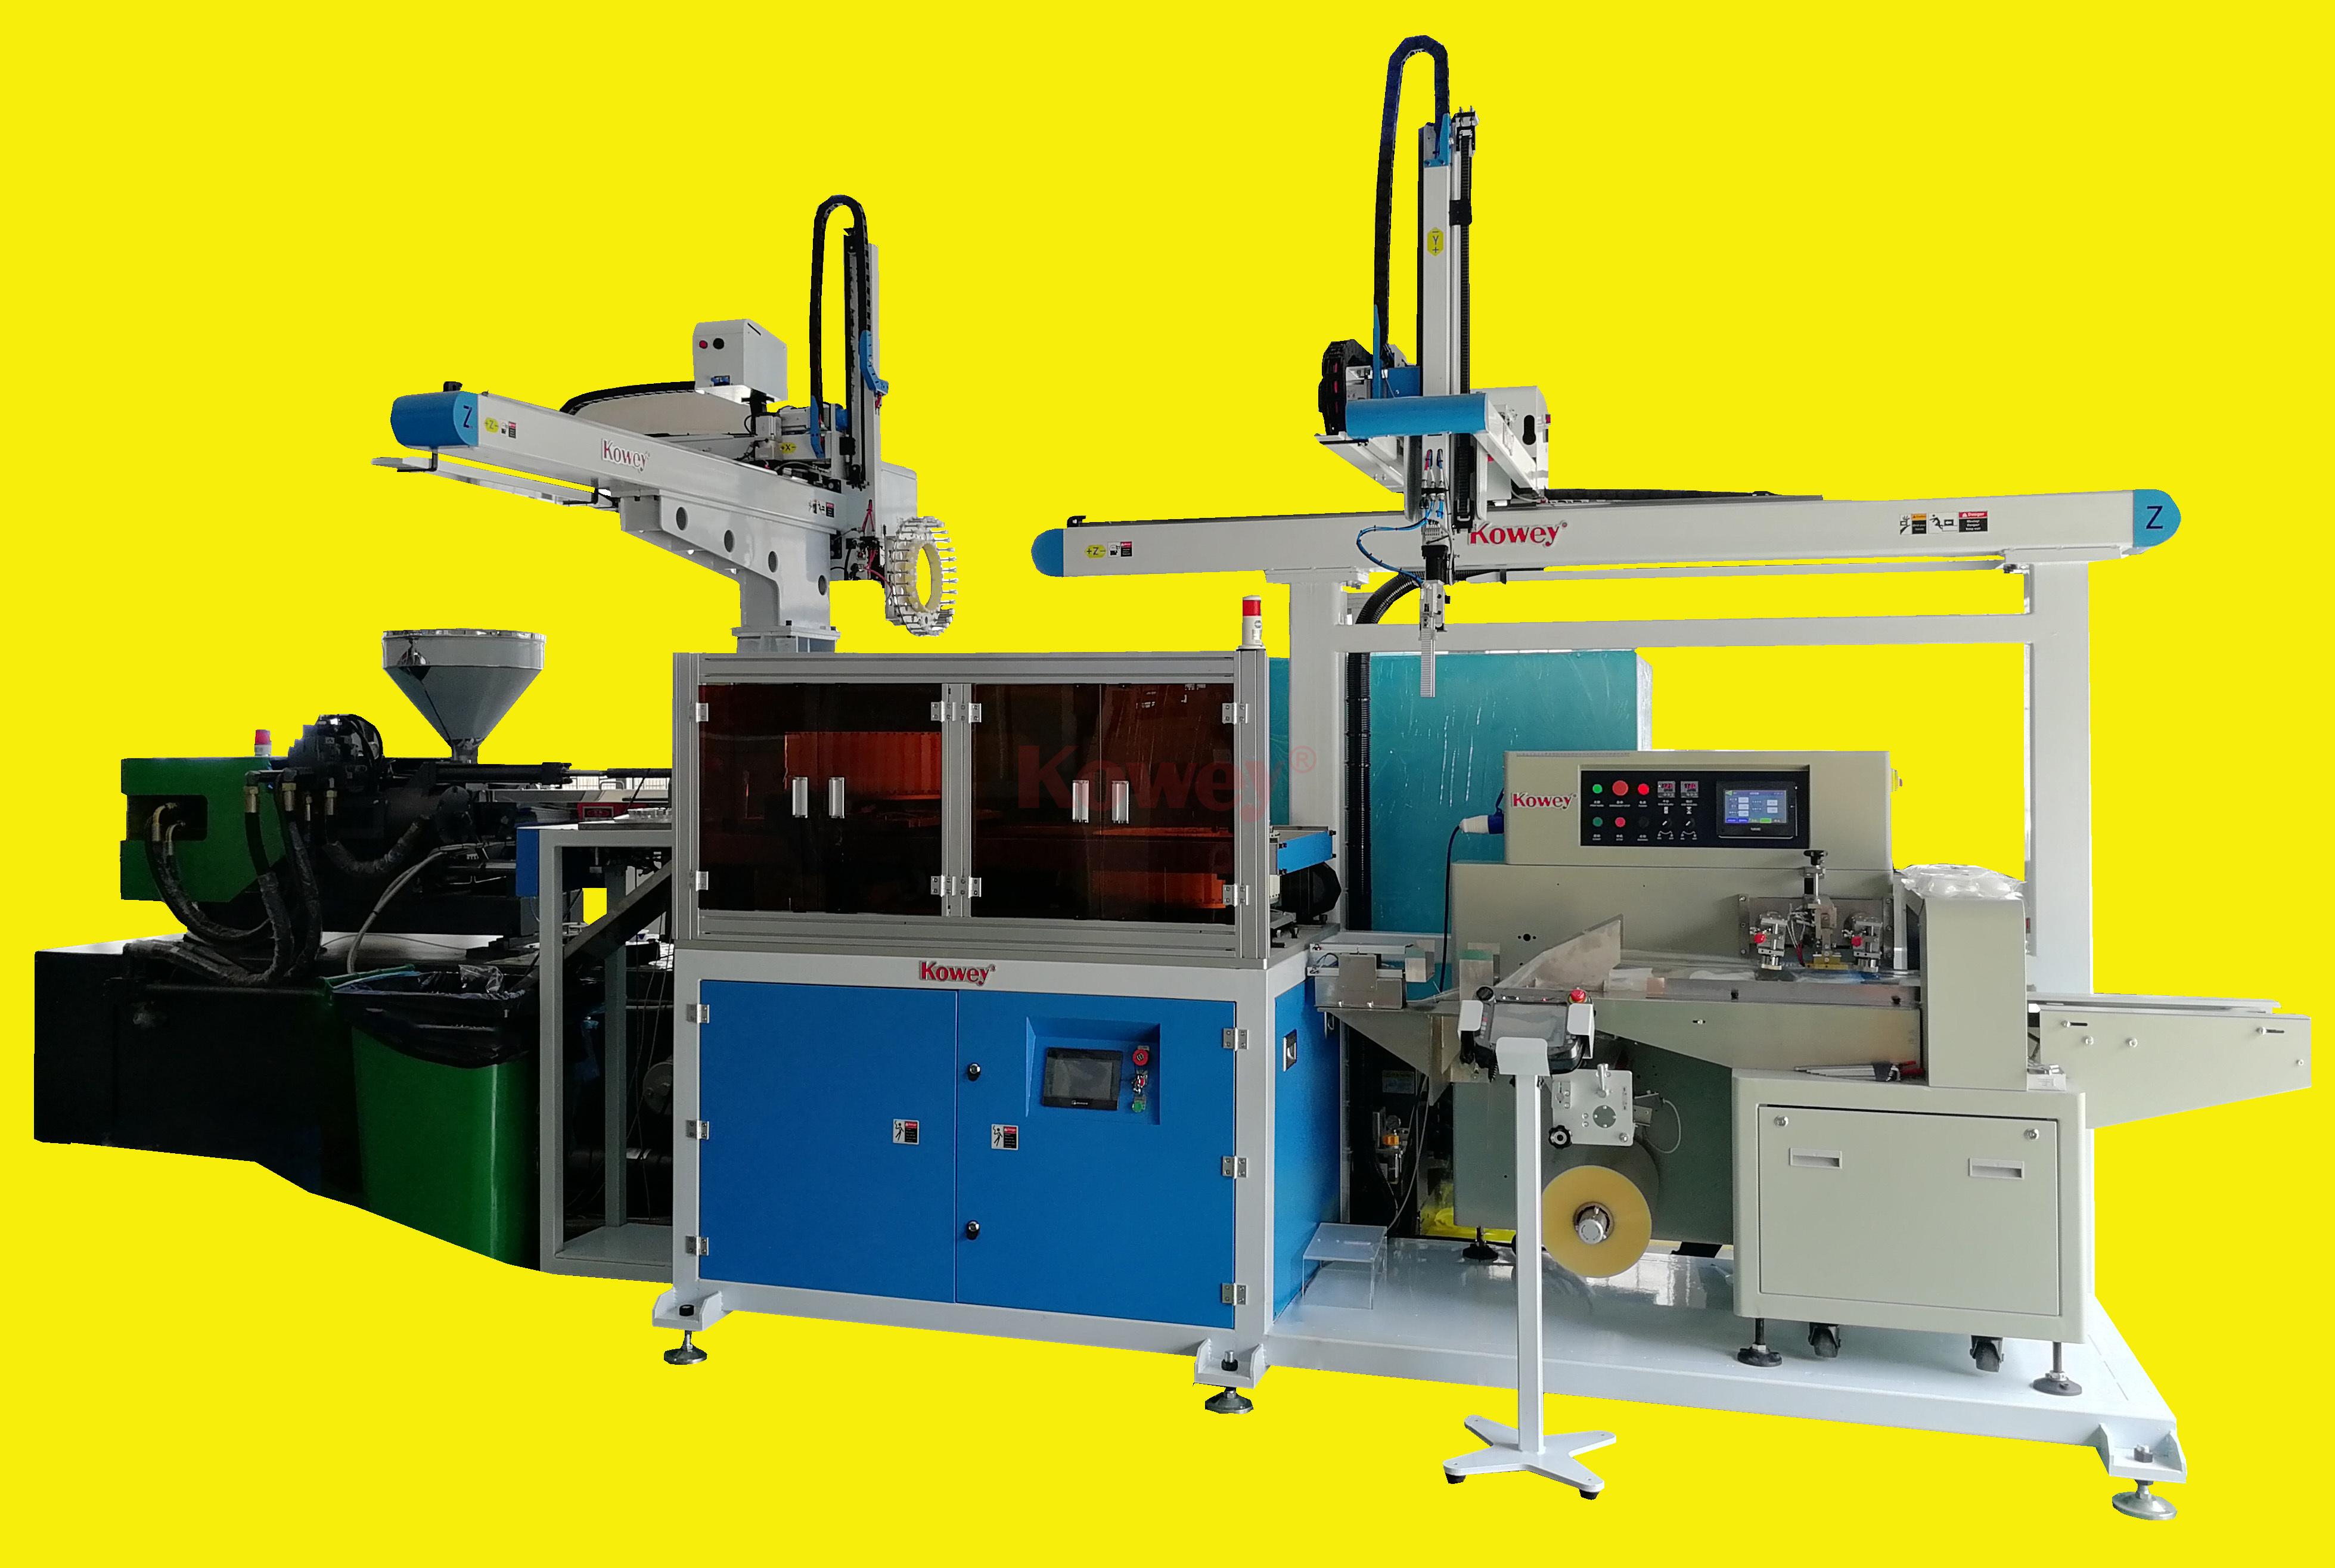 注塑自动化-一次性刀叉勺-全自动勺子取出和包装生产线(1出32)